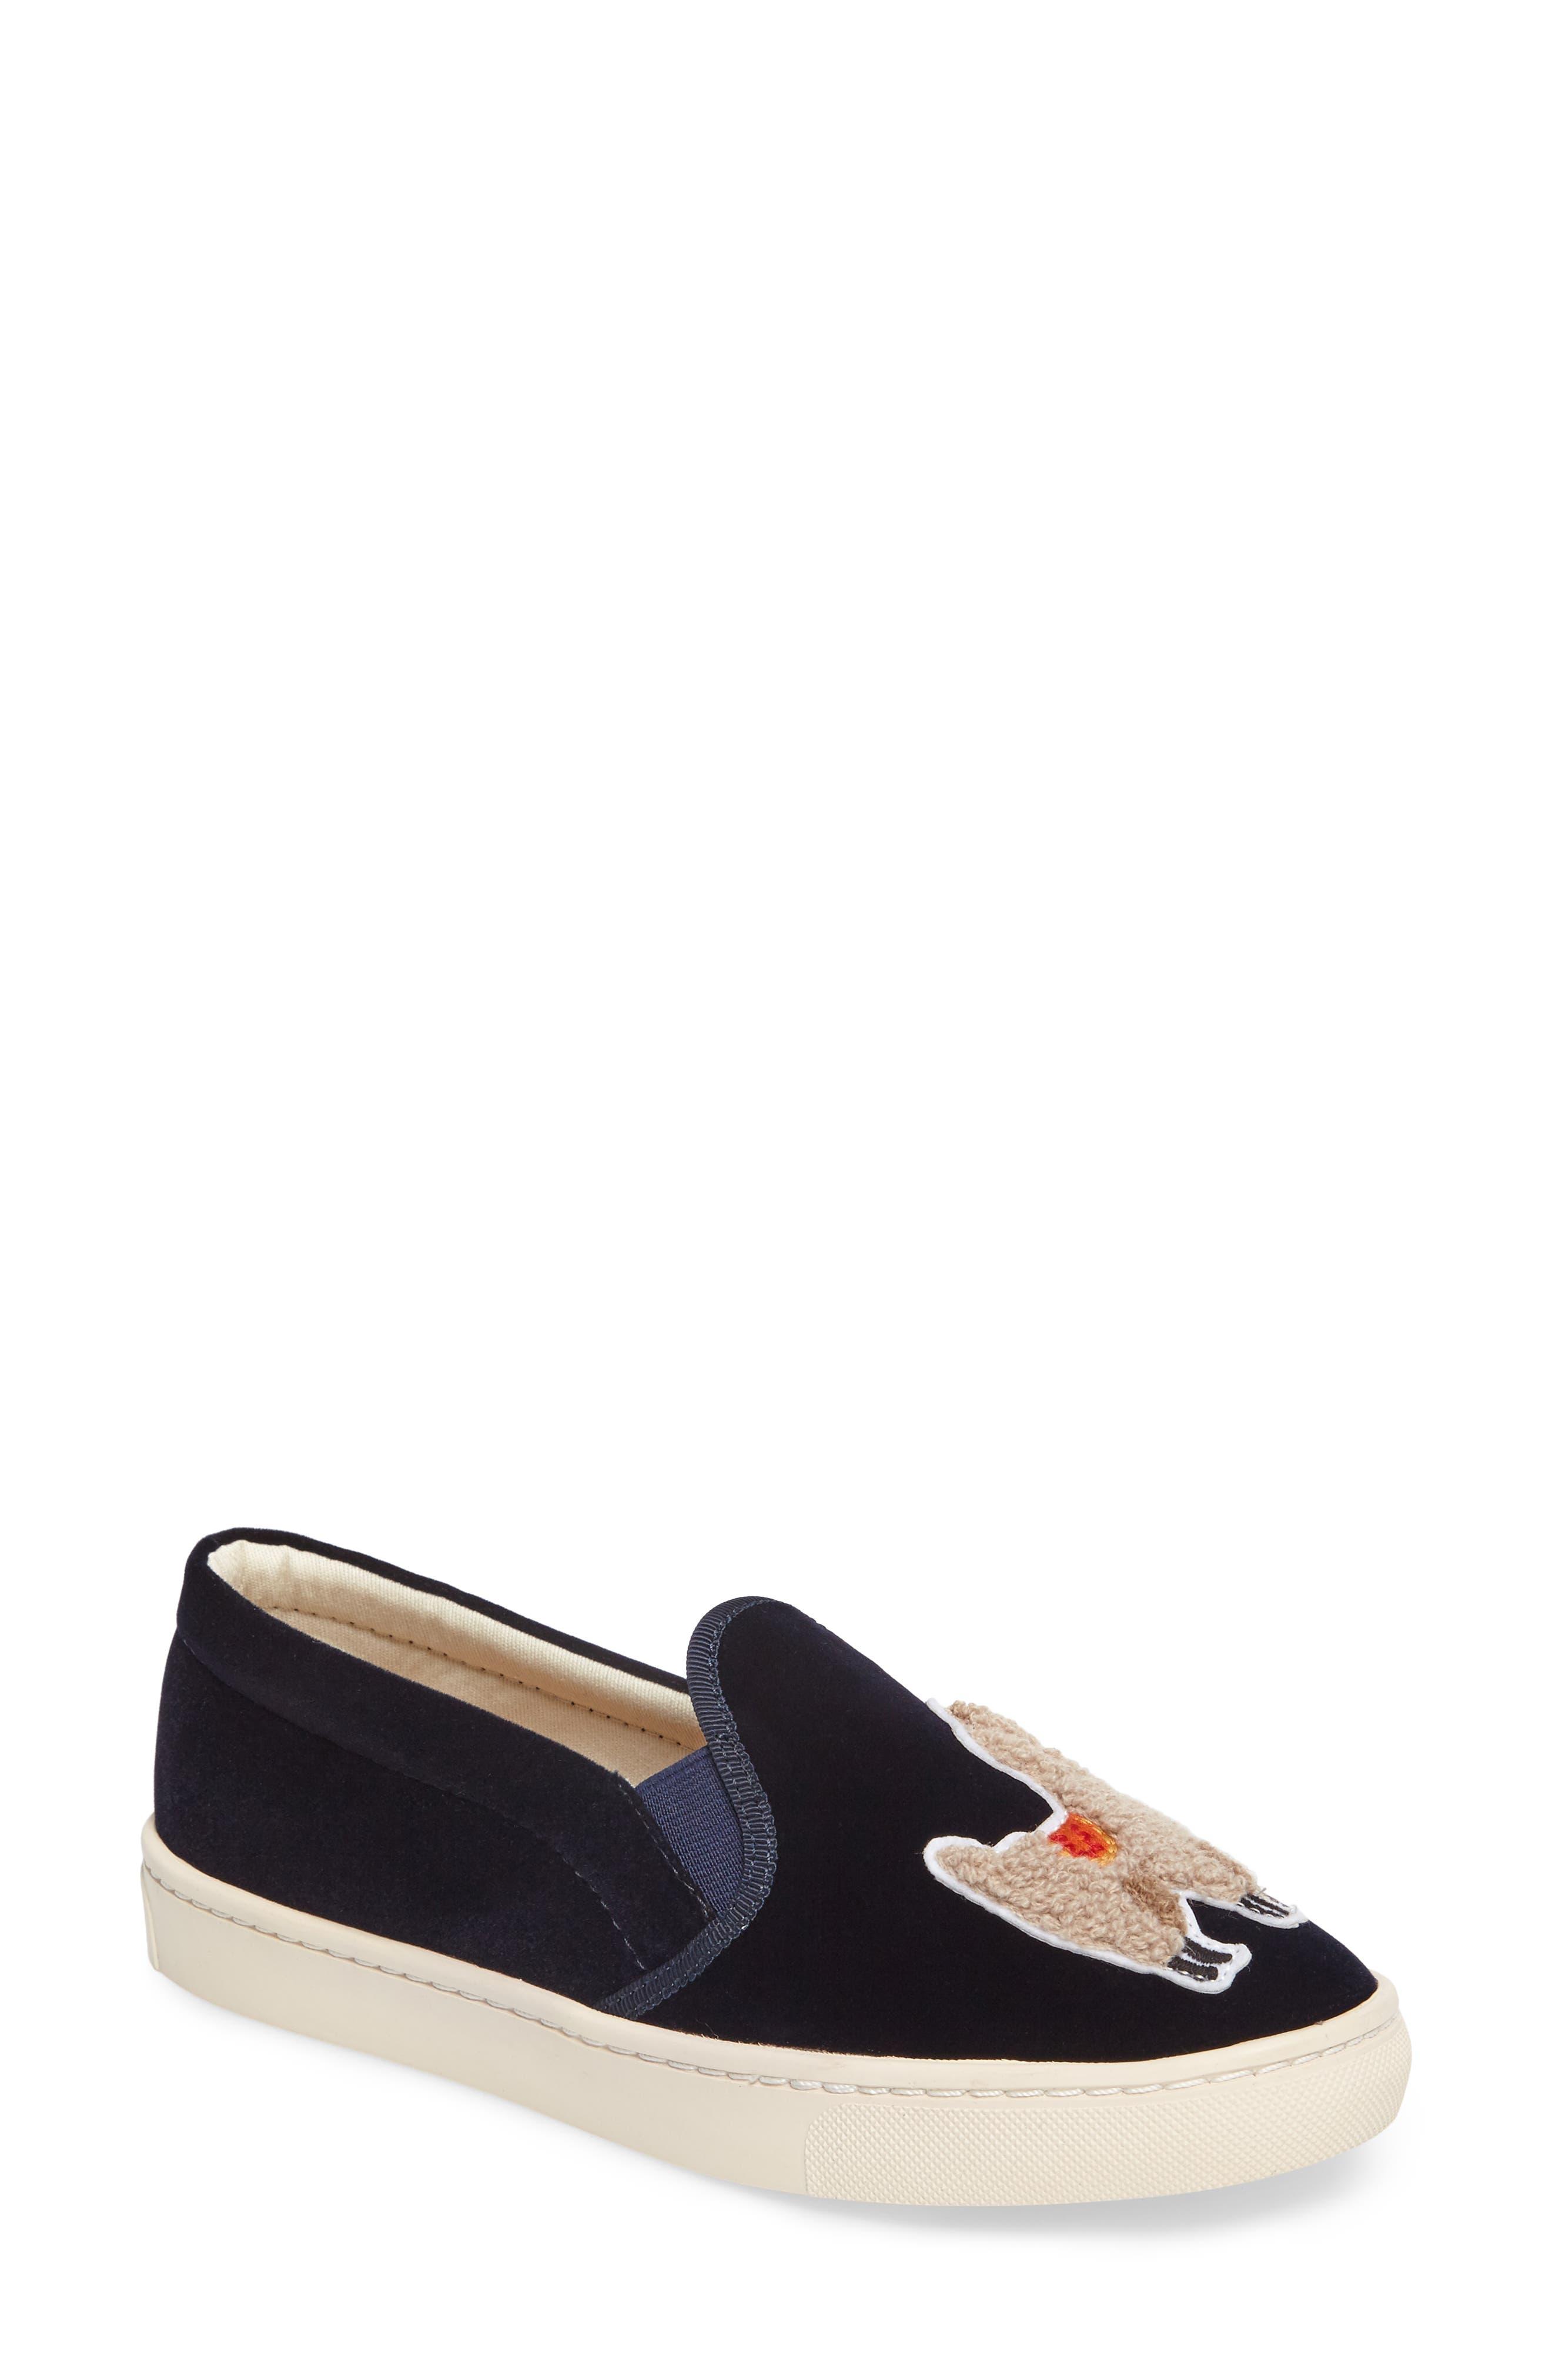 Alternate Image 1 Selected - Soludos Velvet Sneaker (Women)